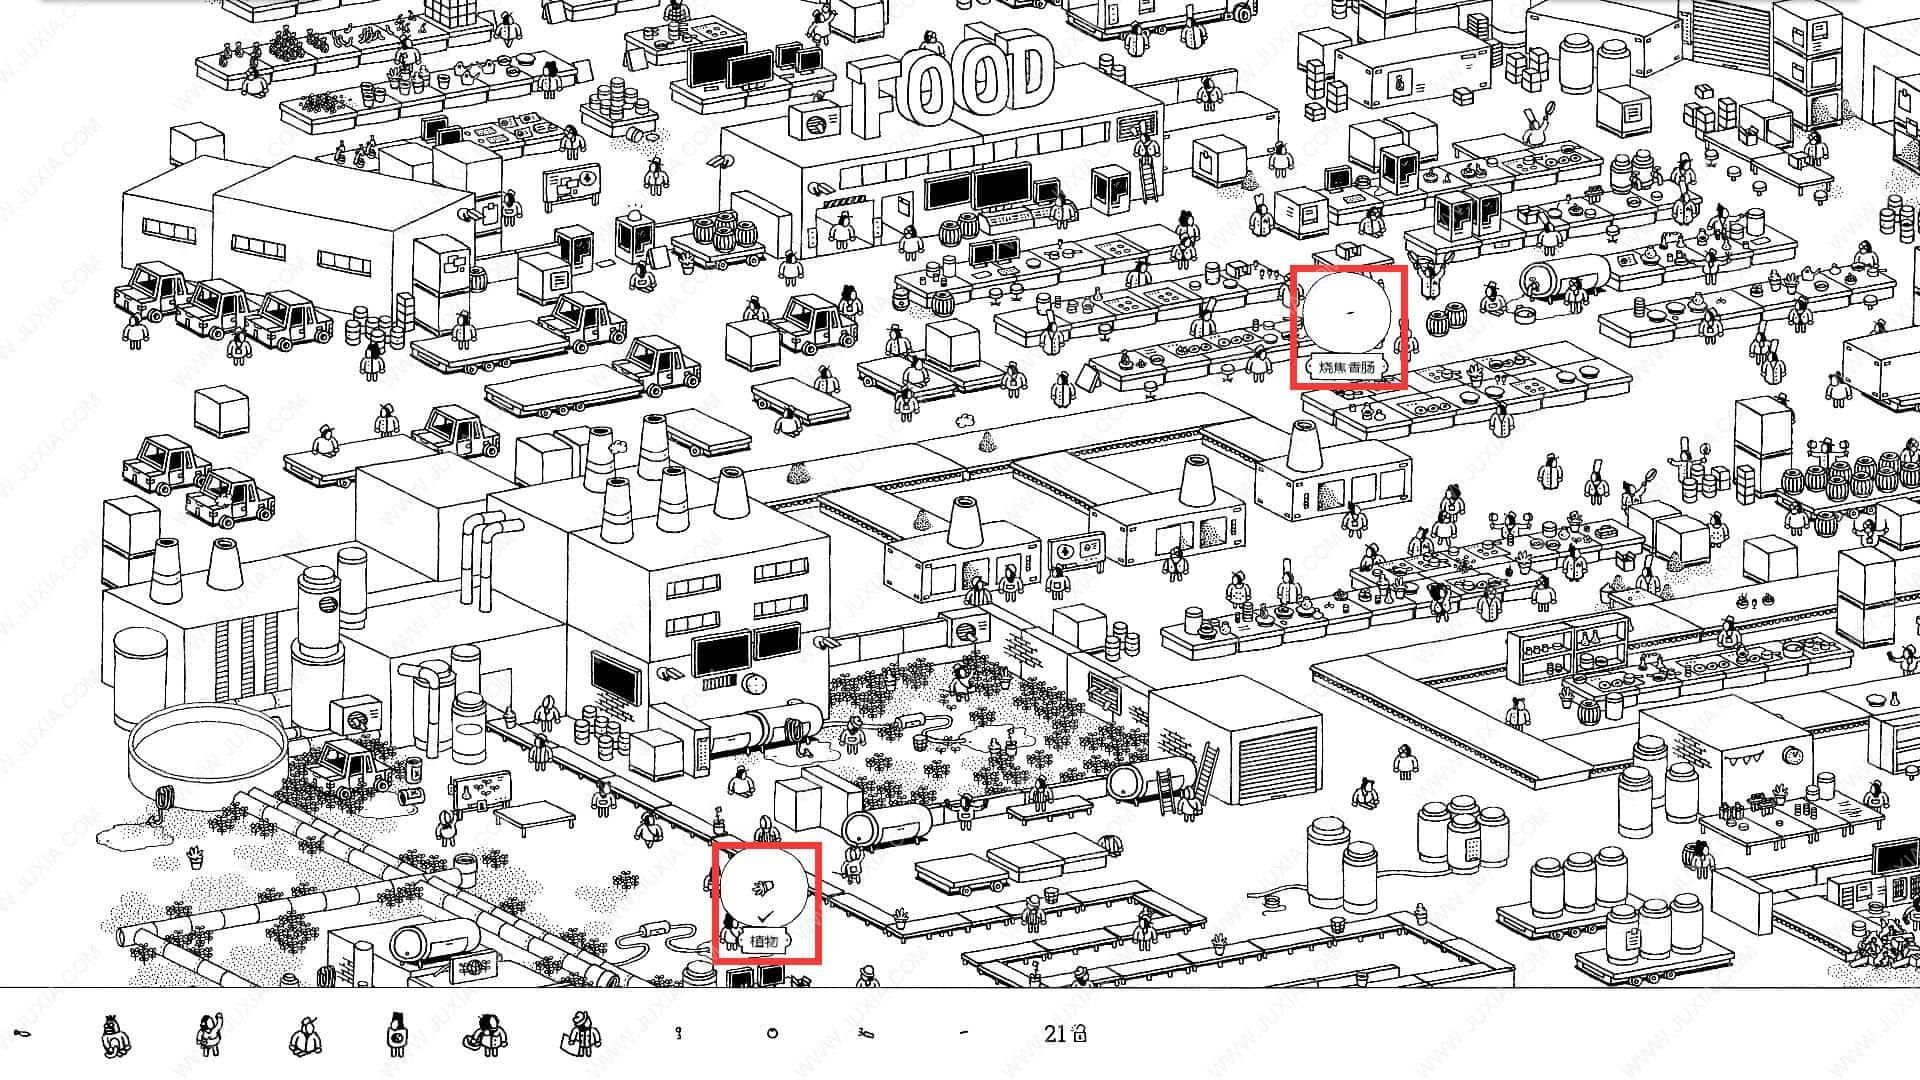 隐藏的家伙工厂4攻略 HiddenFolks图文攻略工厂第四关